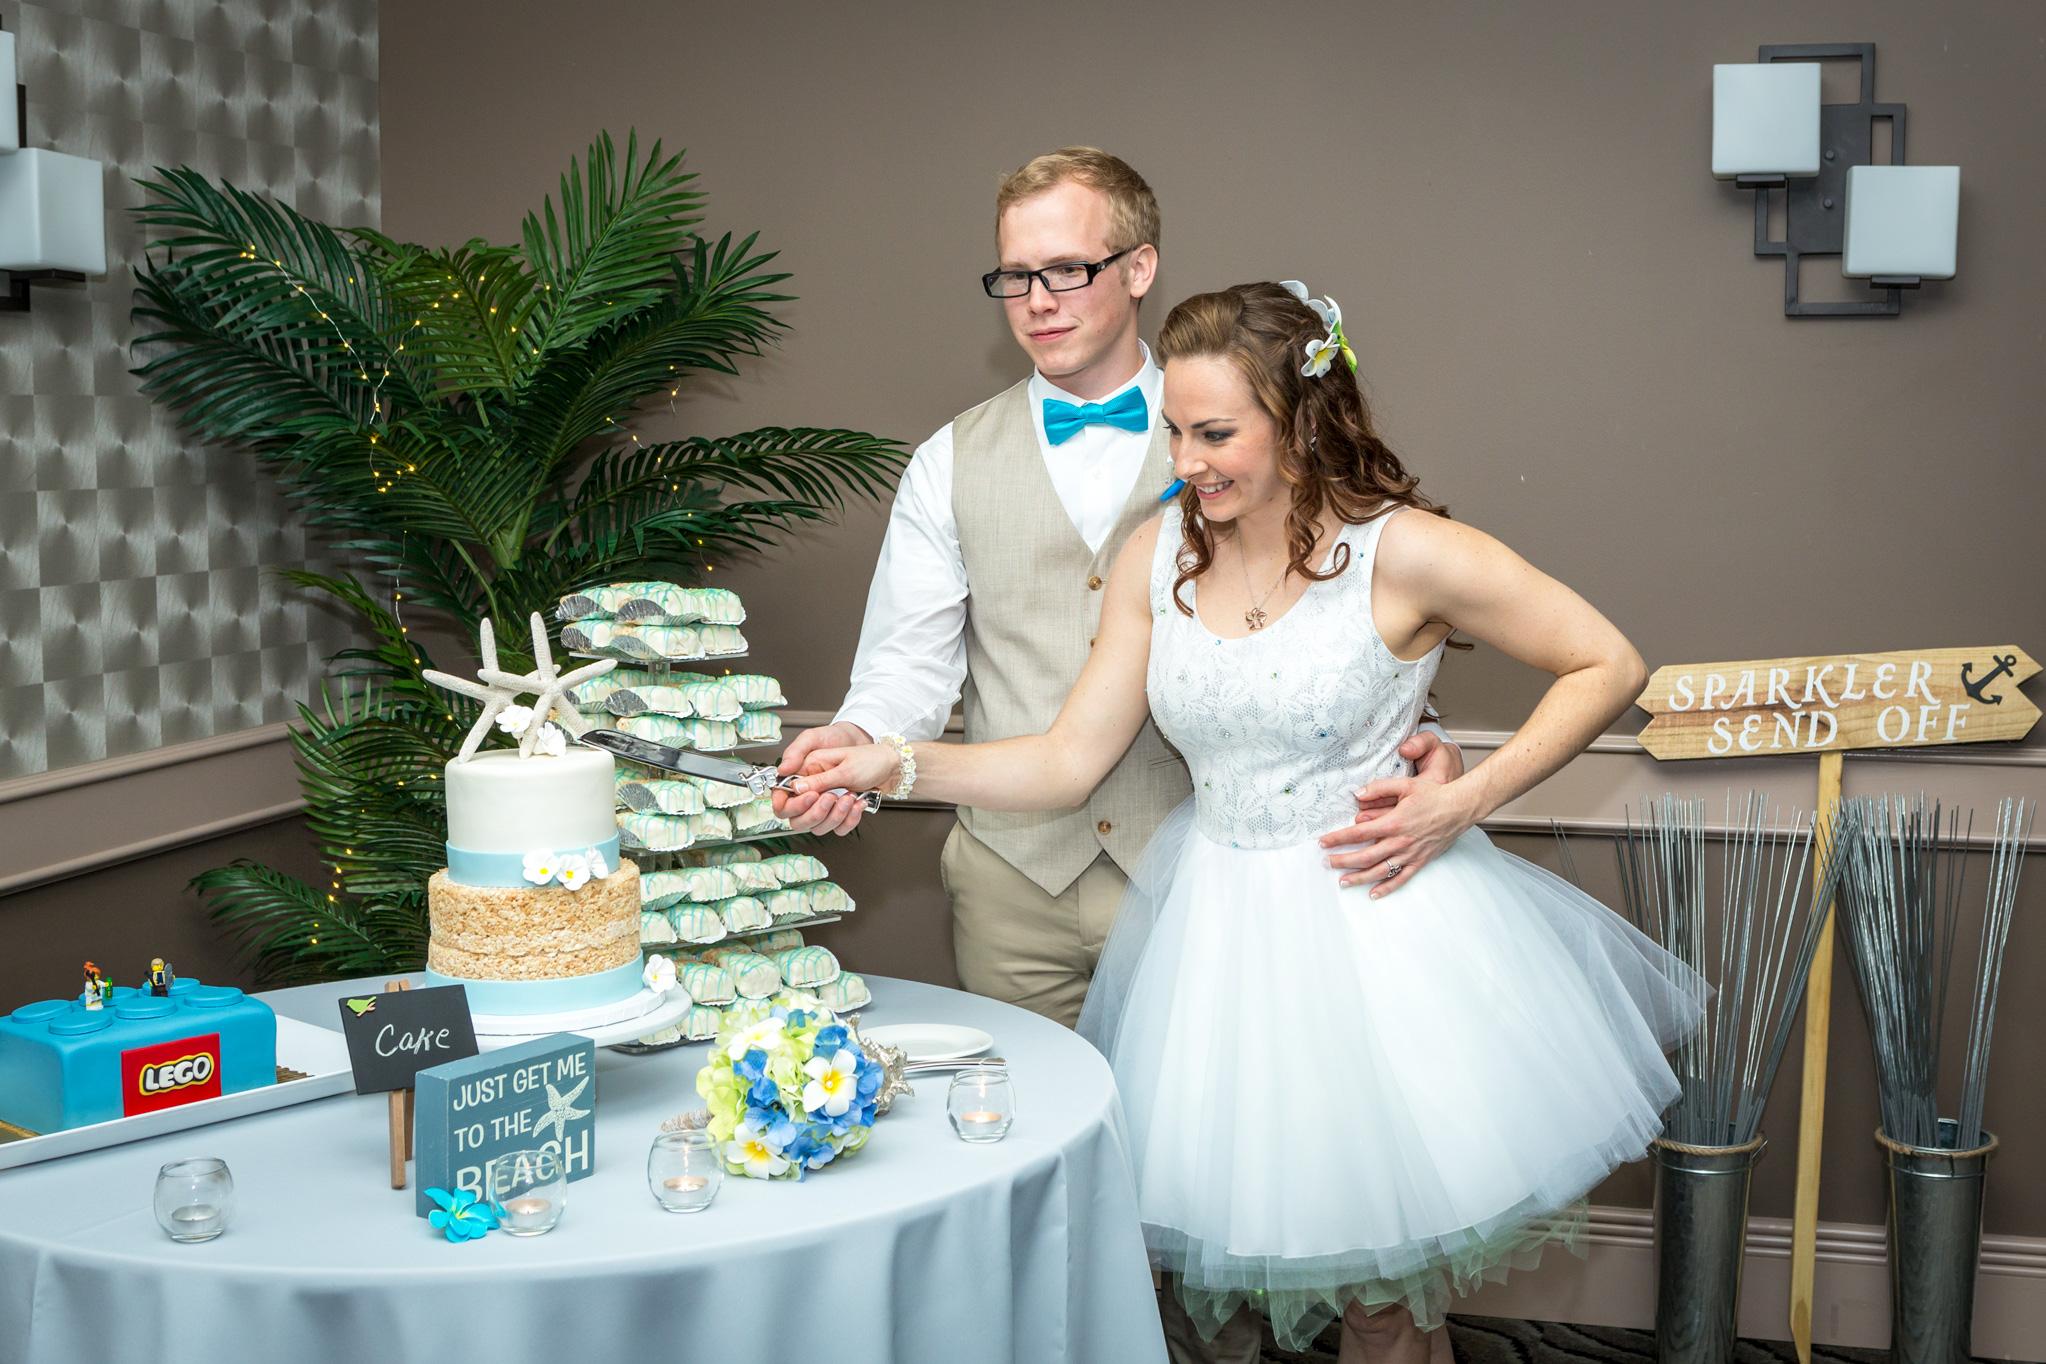 bride_groom_wedding_cake_4.jpg